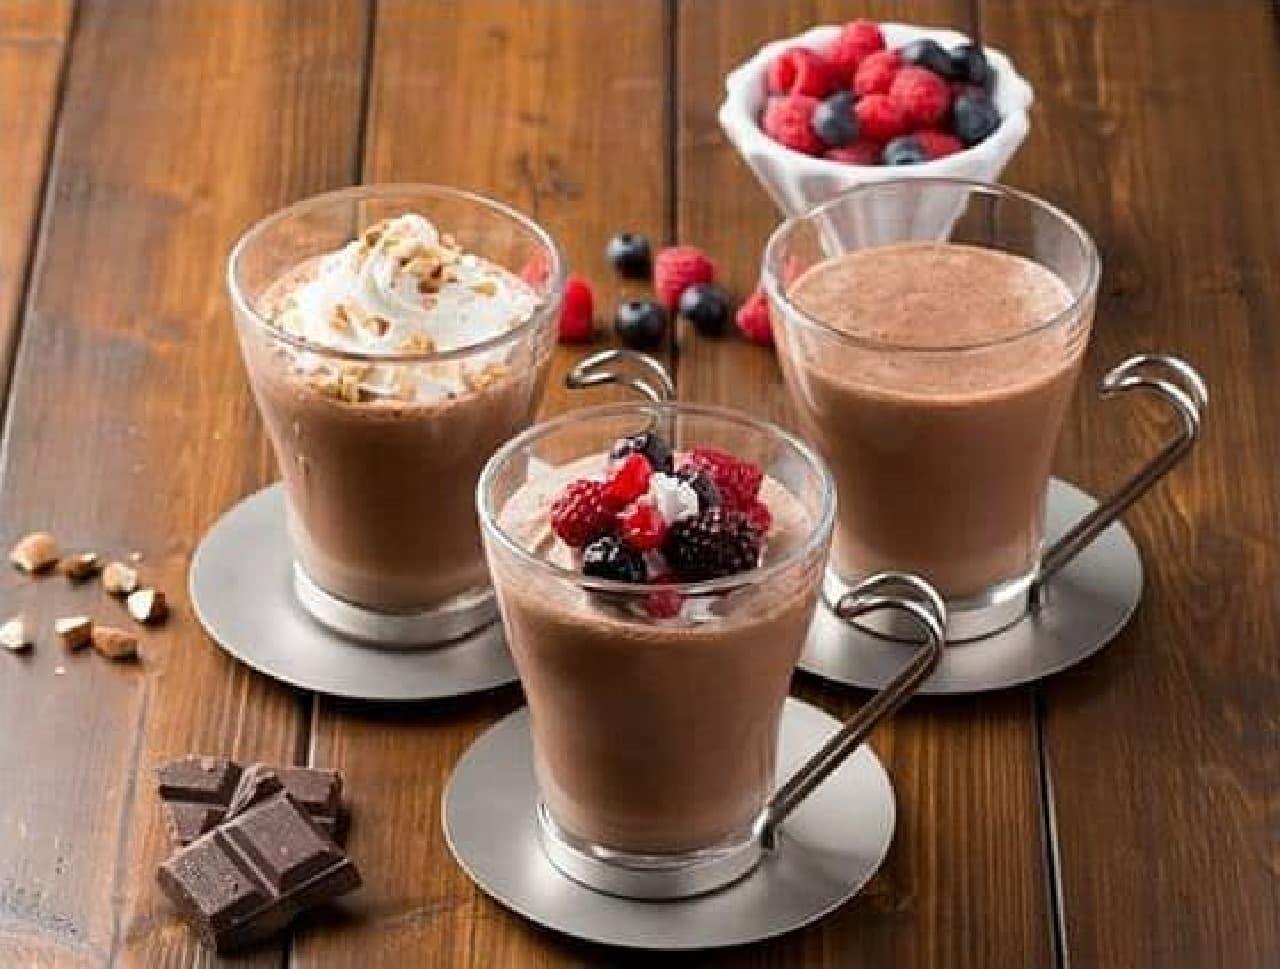 フレッシュネスバーガー「ショコラ ベリー&ココナッツ」と「ショコラ アーモンド&ホイップ」